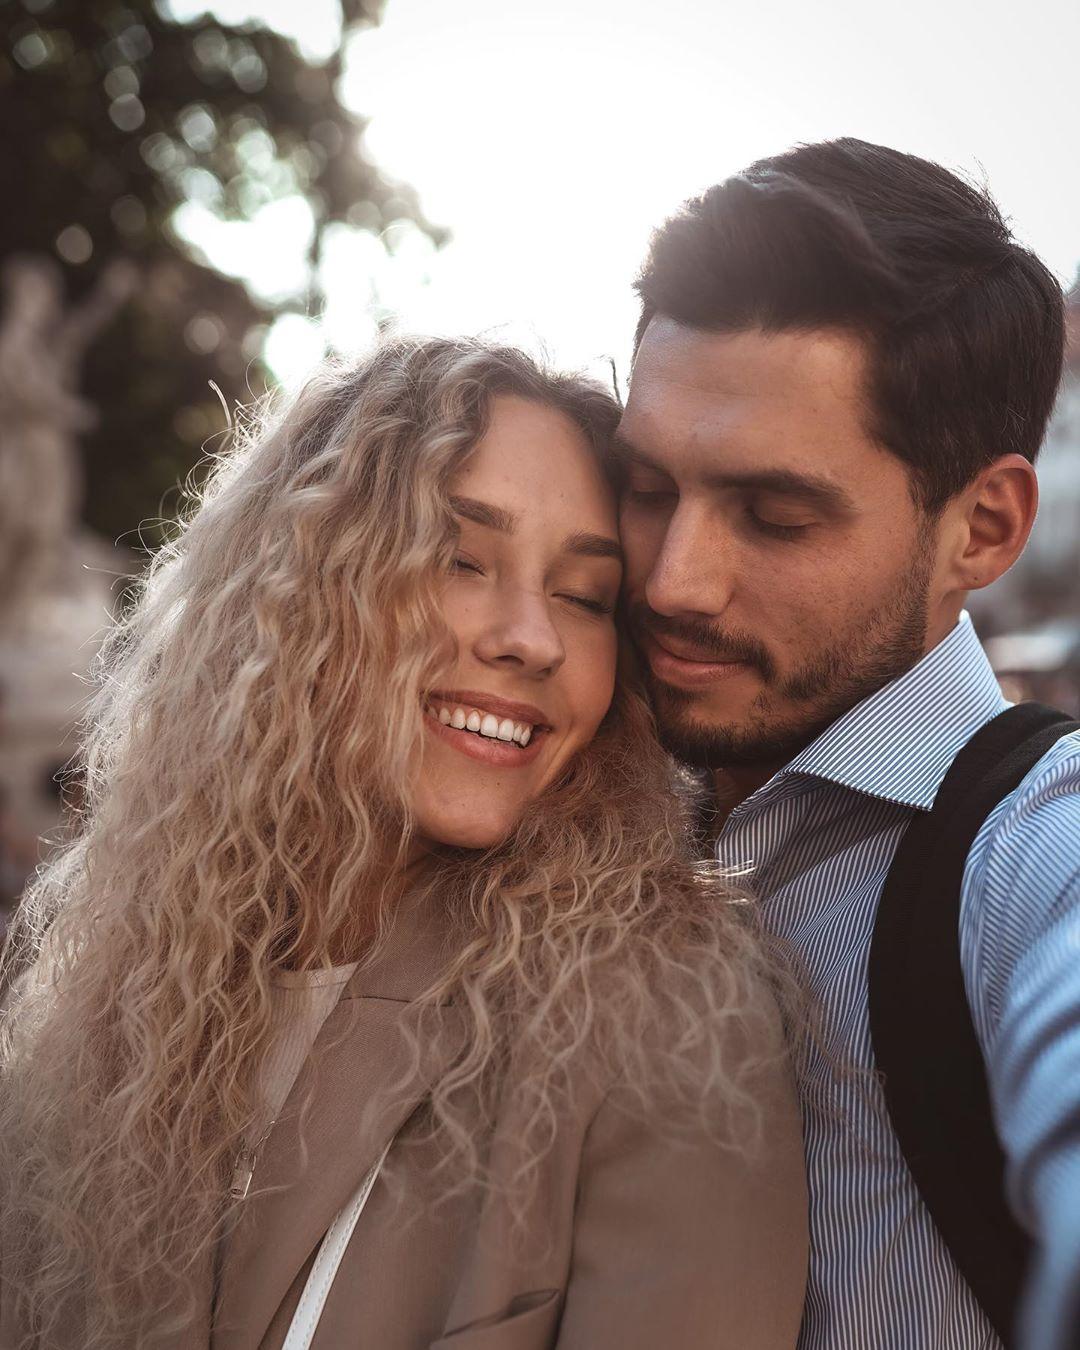 Никита Добрынин рассказал о гармонии в отношениях с женой